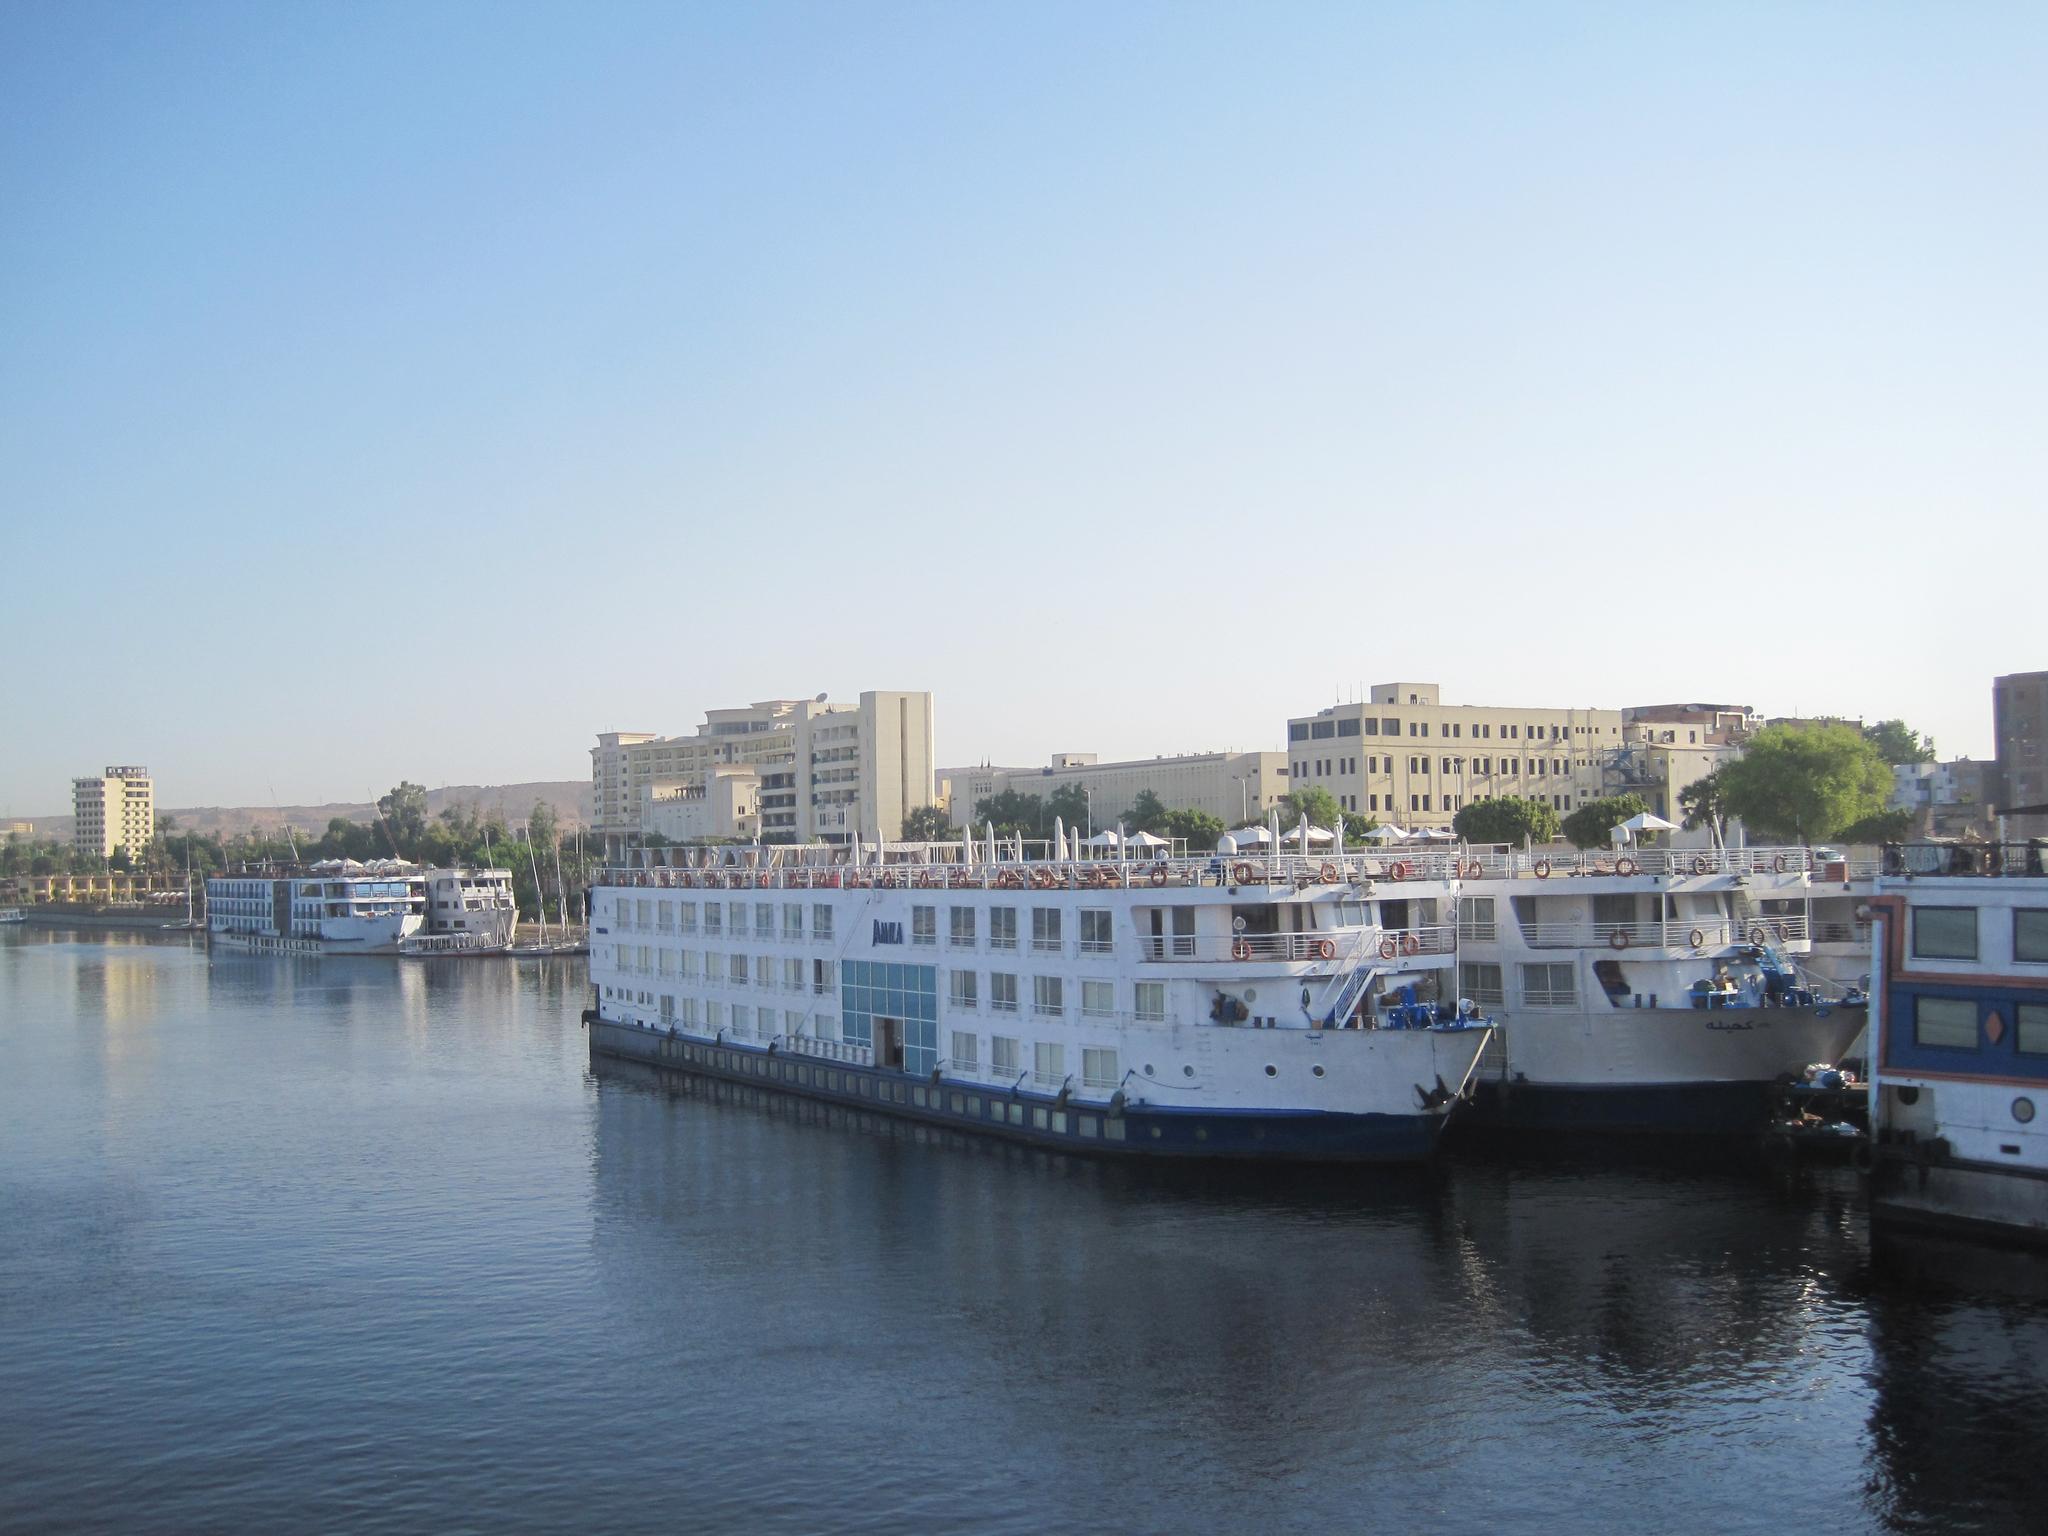 나일강. 나일강 물 이용을 둘러싸고 하류의 이집트와 상류의 국가들이 갈등을 벌이고 있다. [중앙포토]